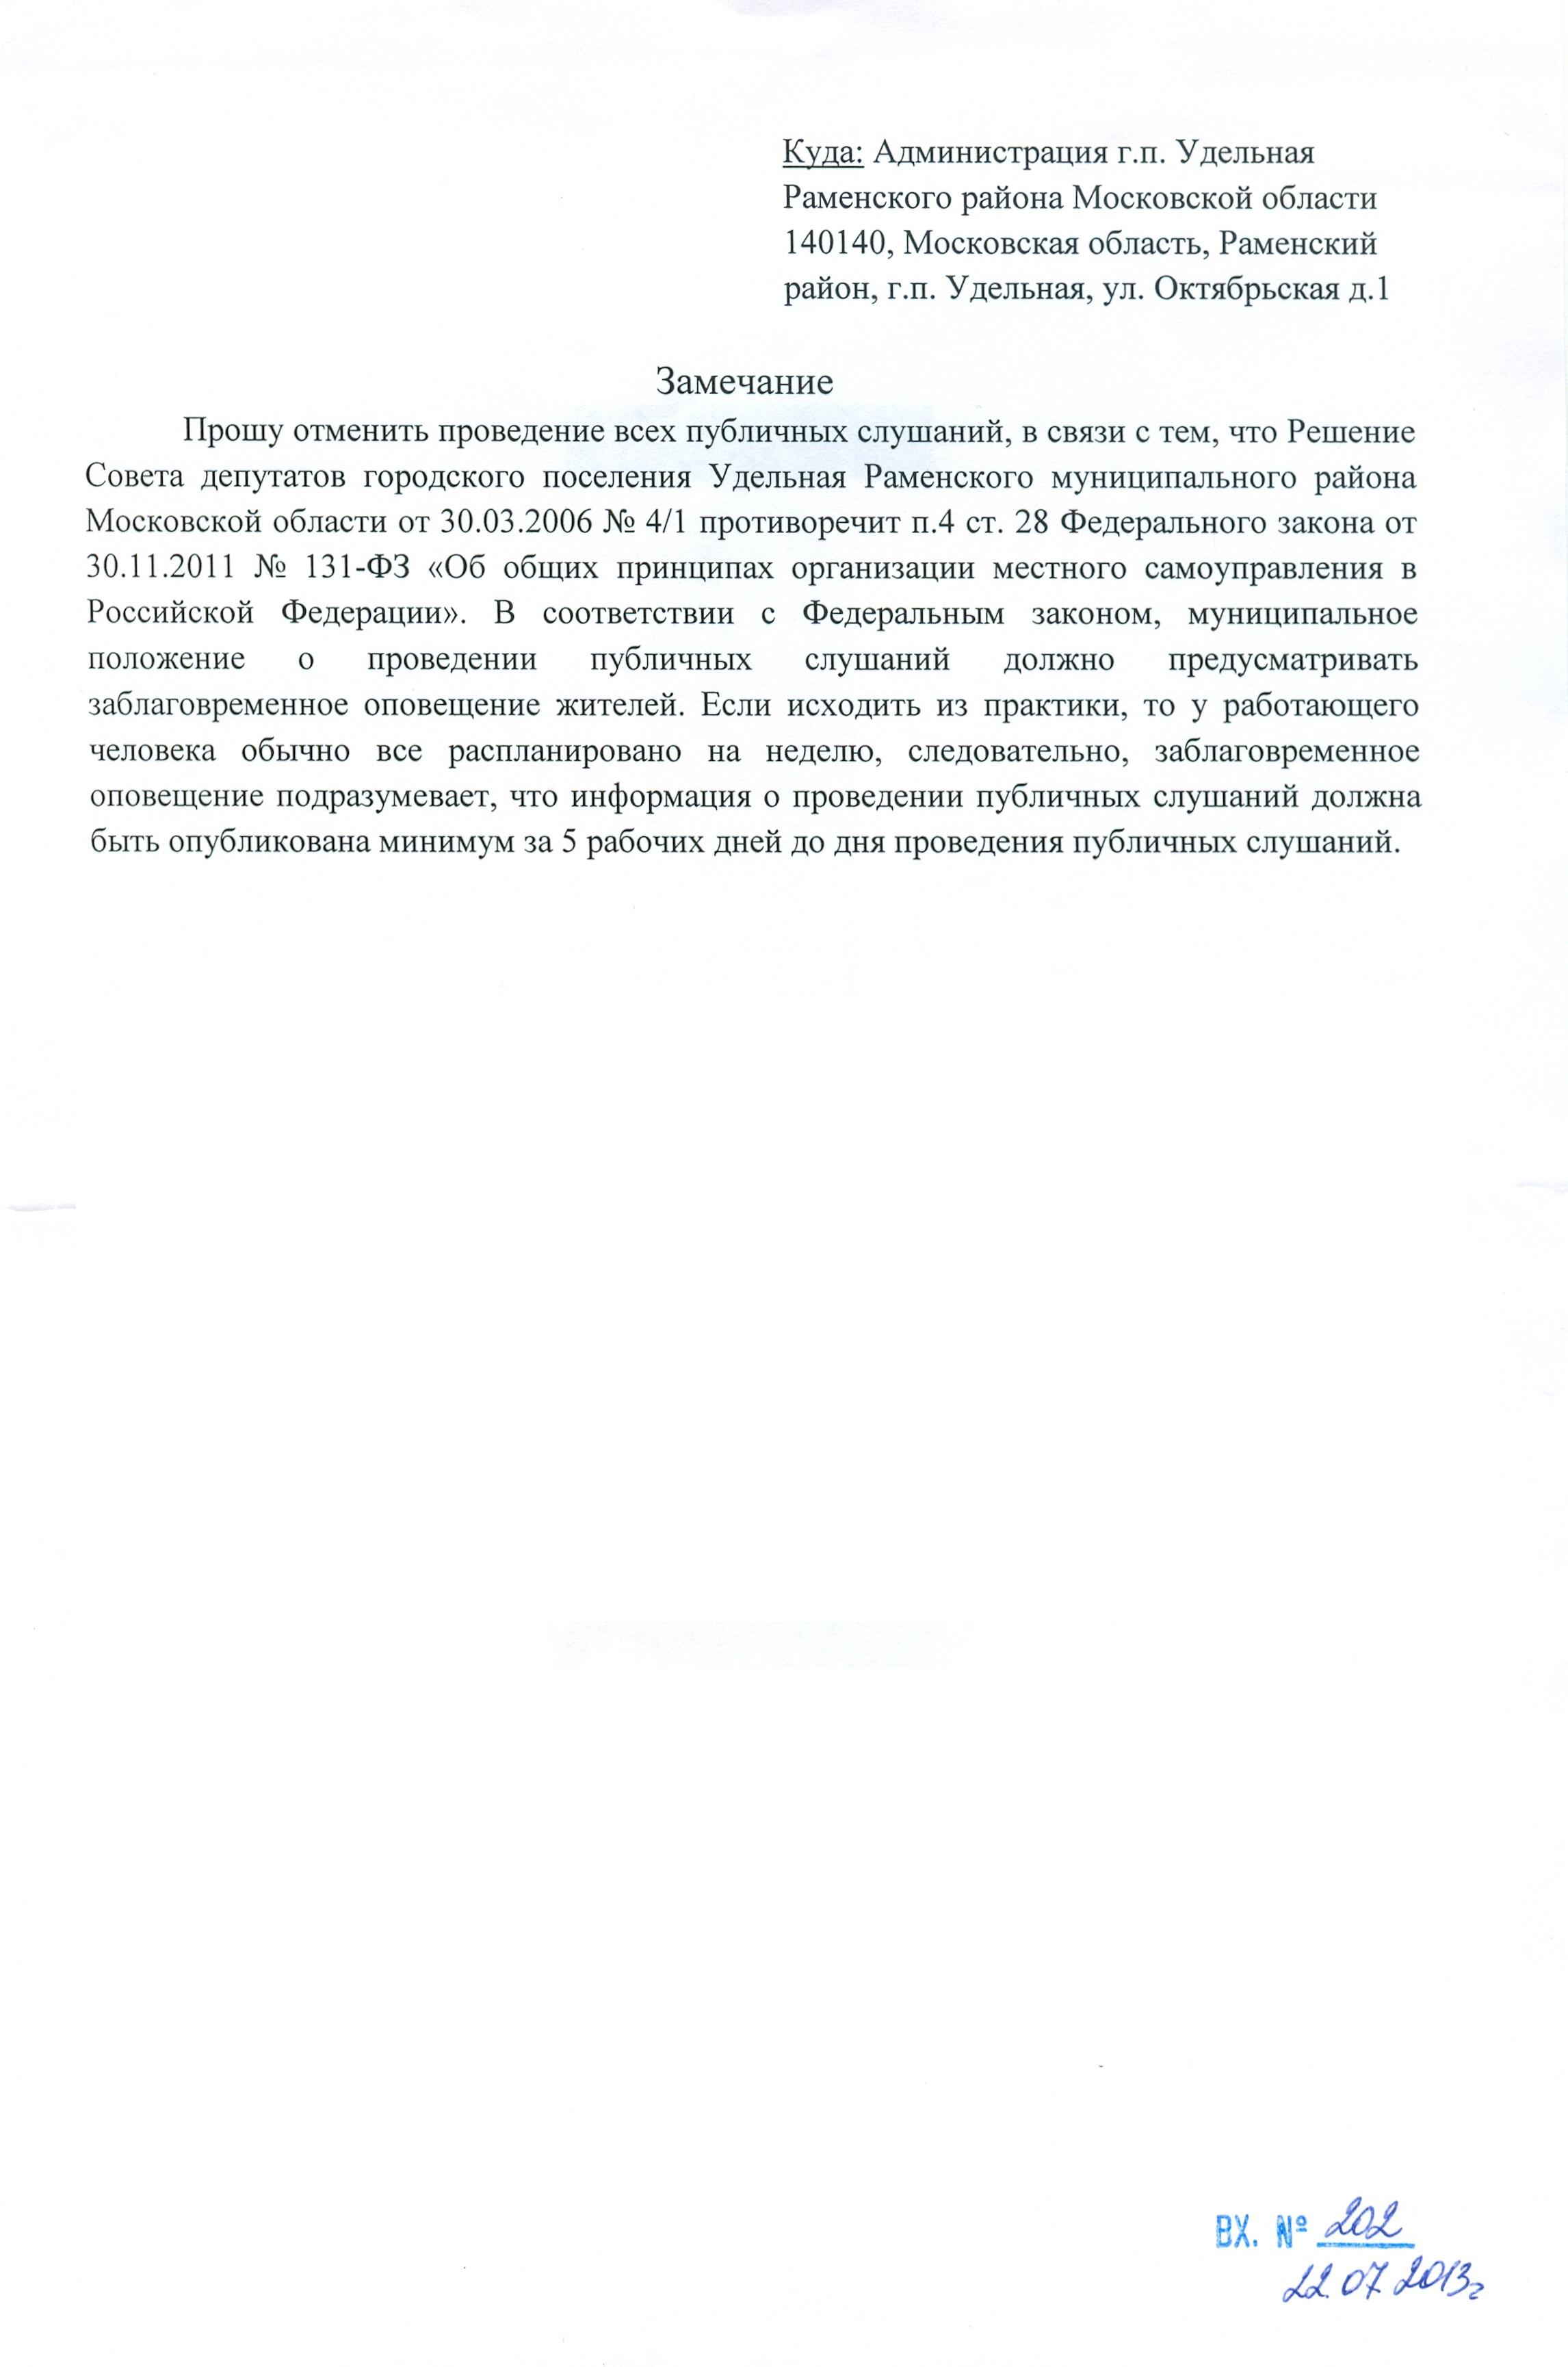 Замечания на 25.07.13 (1)